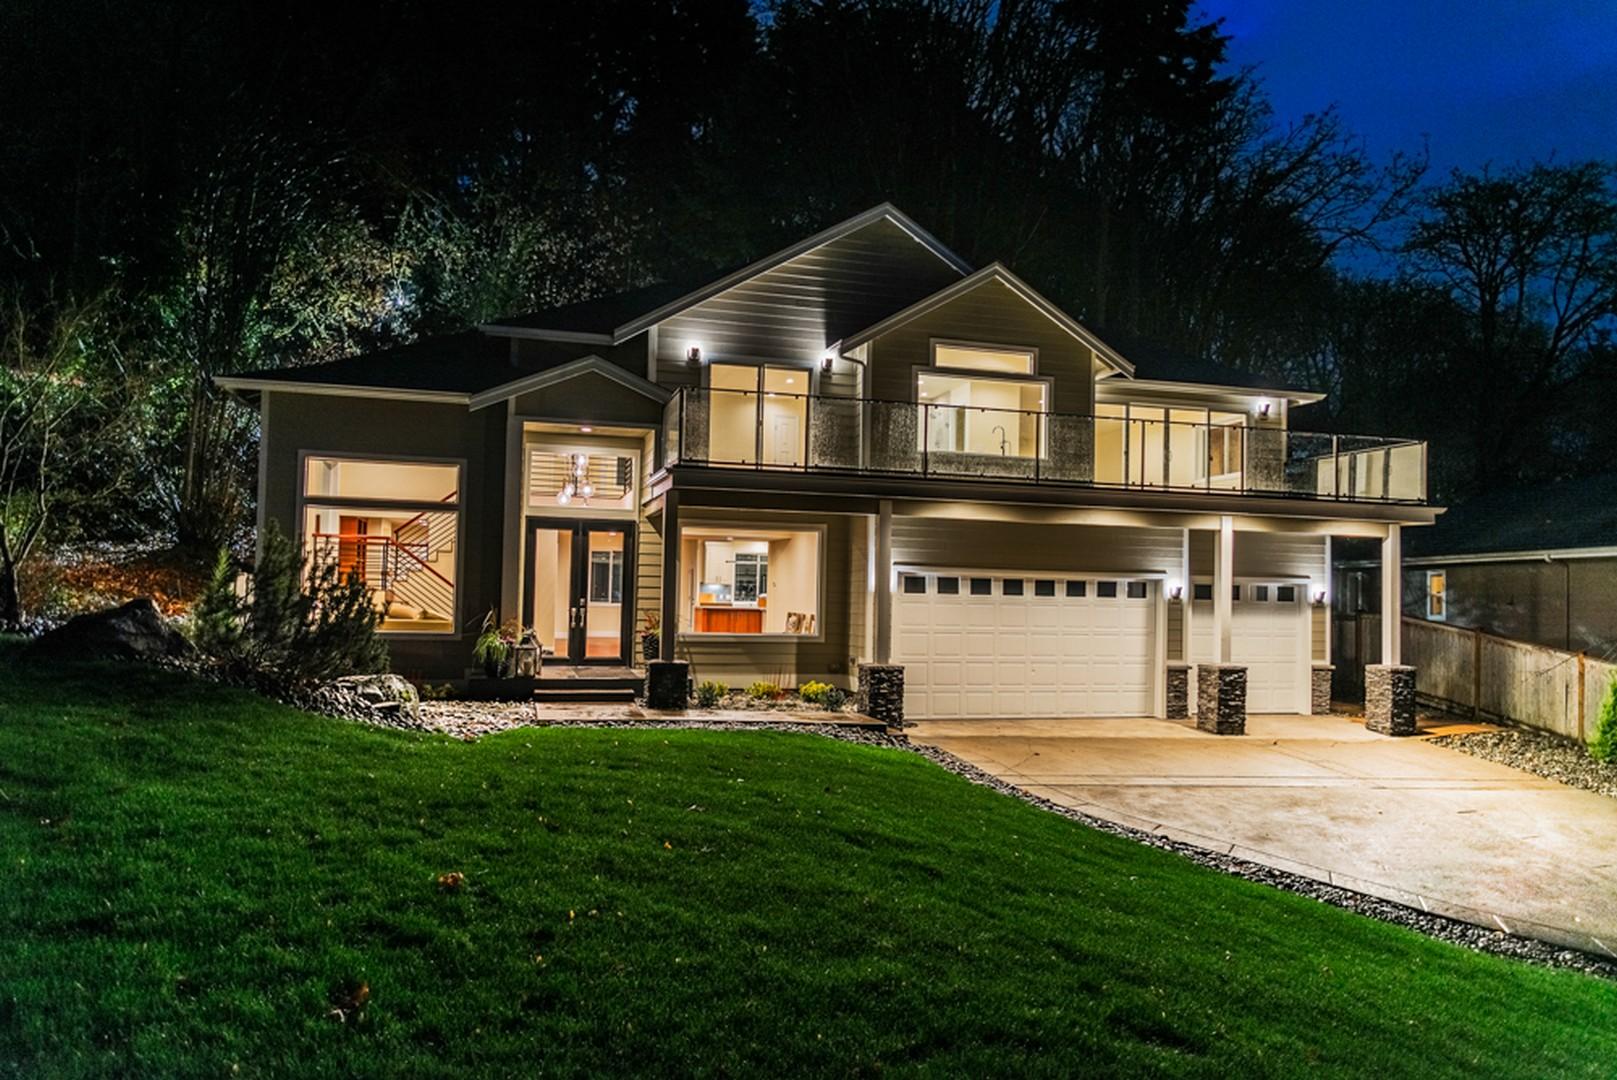 独户住宅 为 销售 在 Sunnyside Heights Gem 2330 Sunnyside Heights Drive Steilacoom, 华盛顿州, 98388 美国